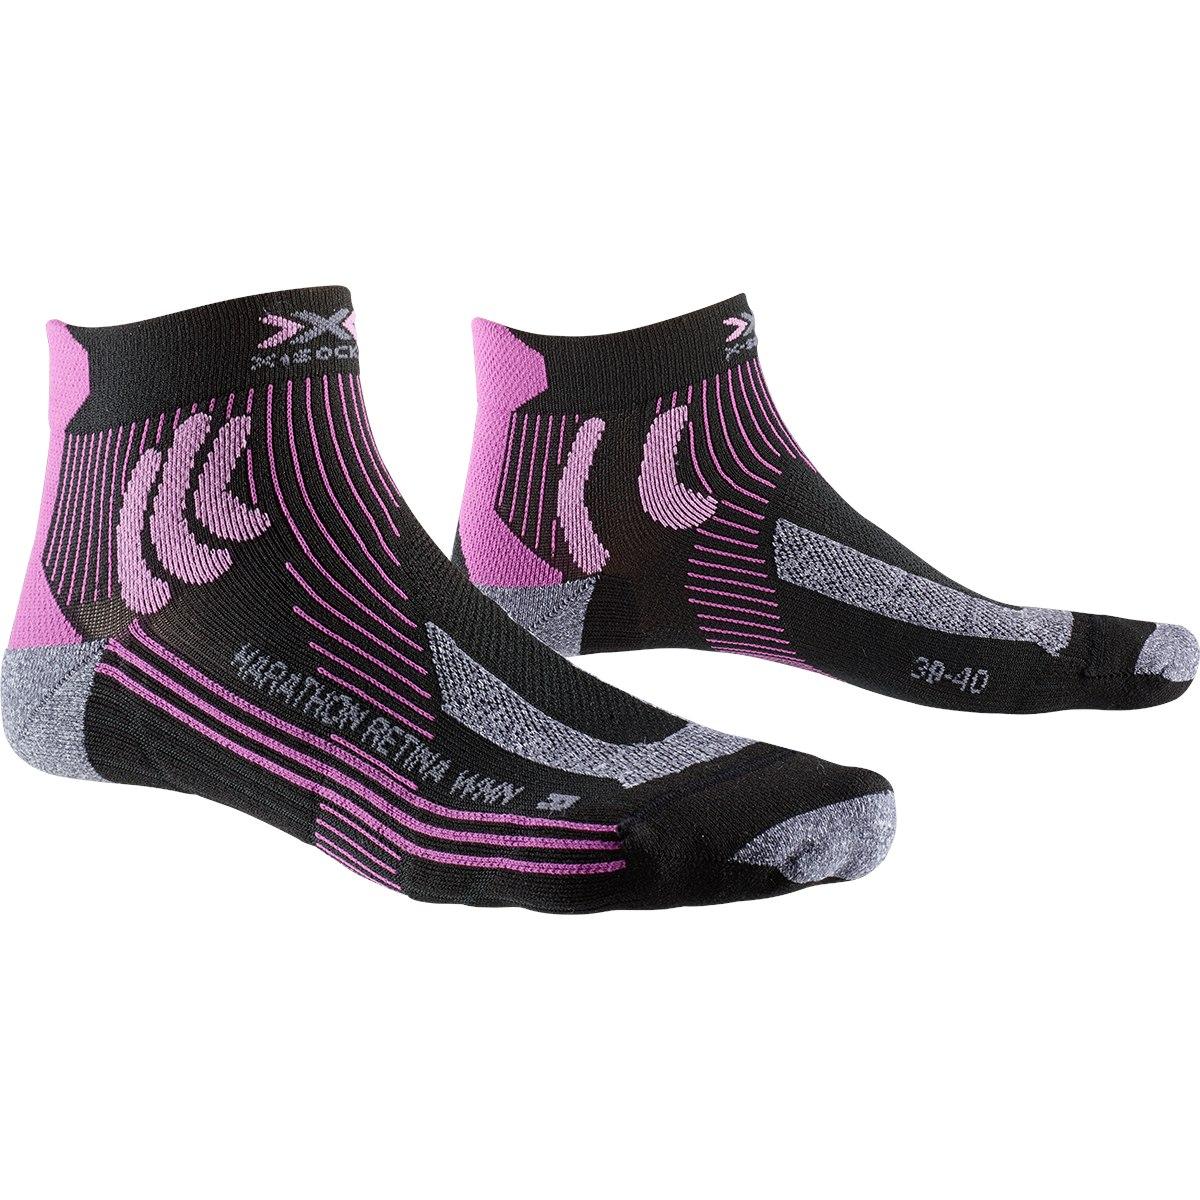 X-Socks Marathon Retina Laufsocken für Damen - black/twyce purple